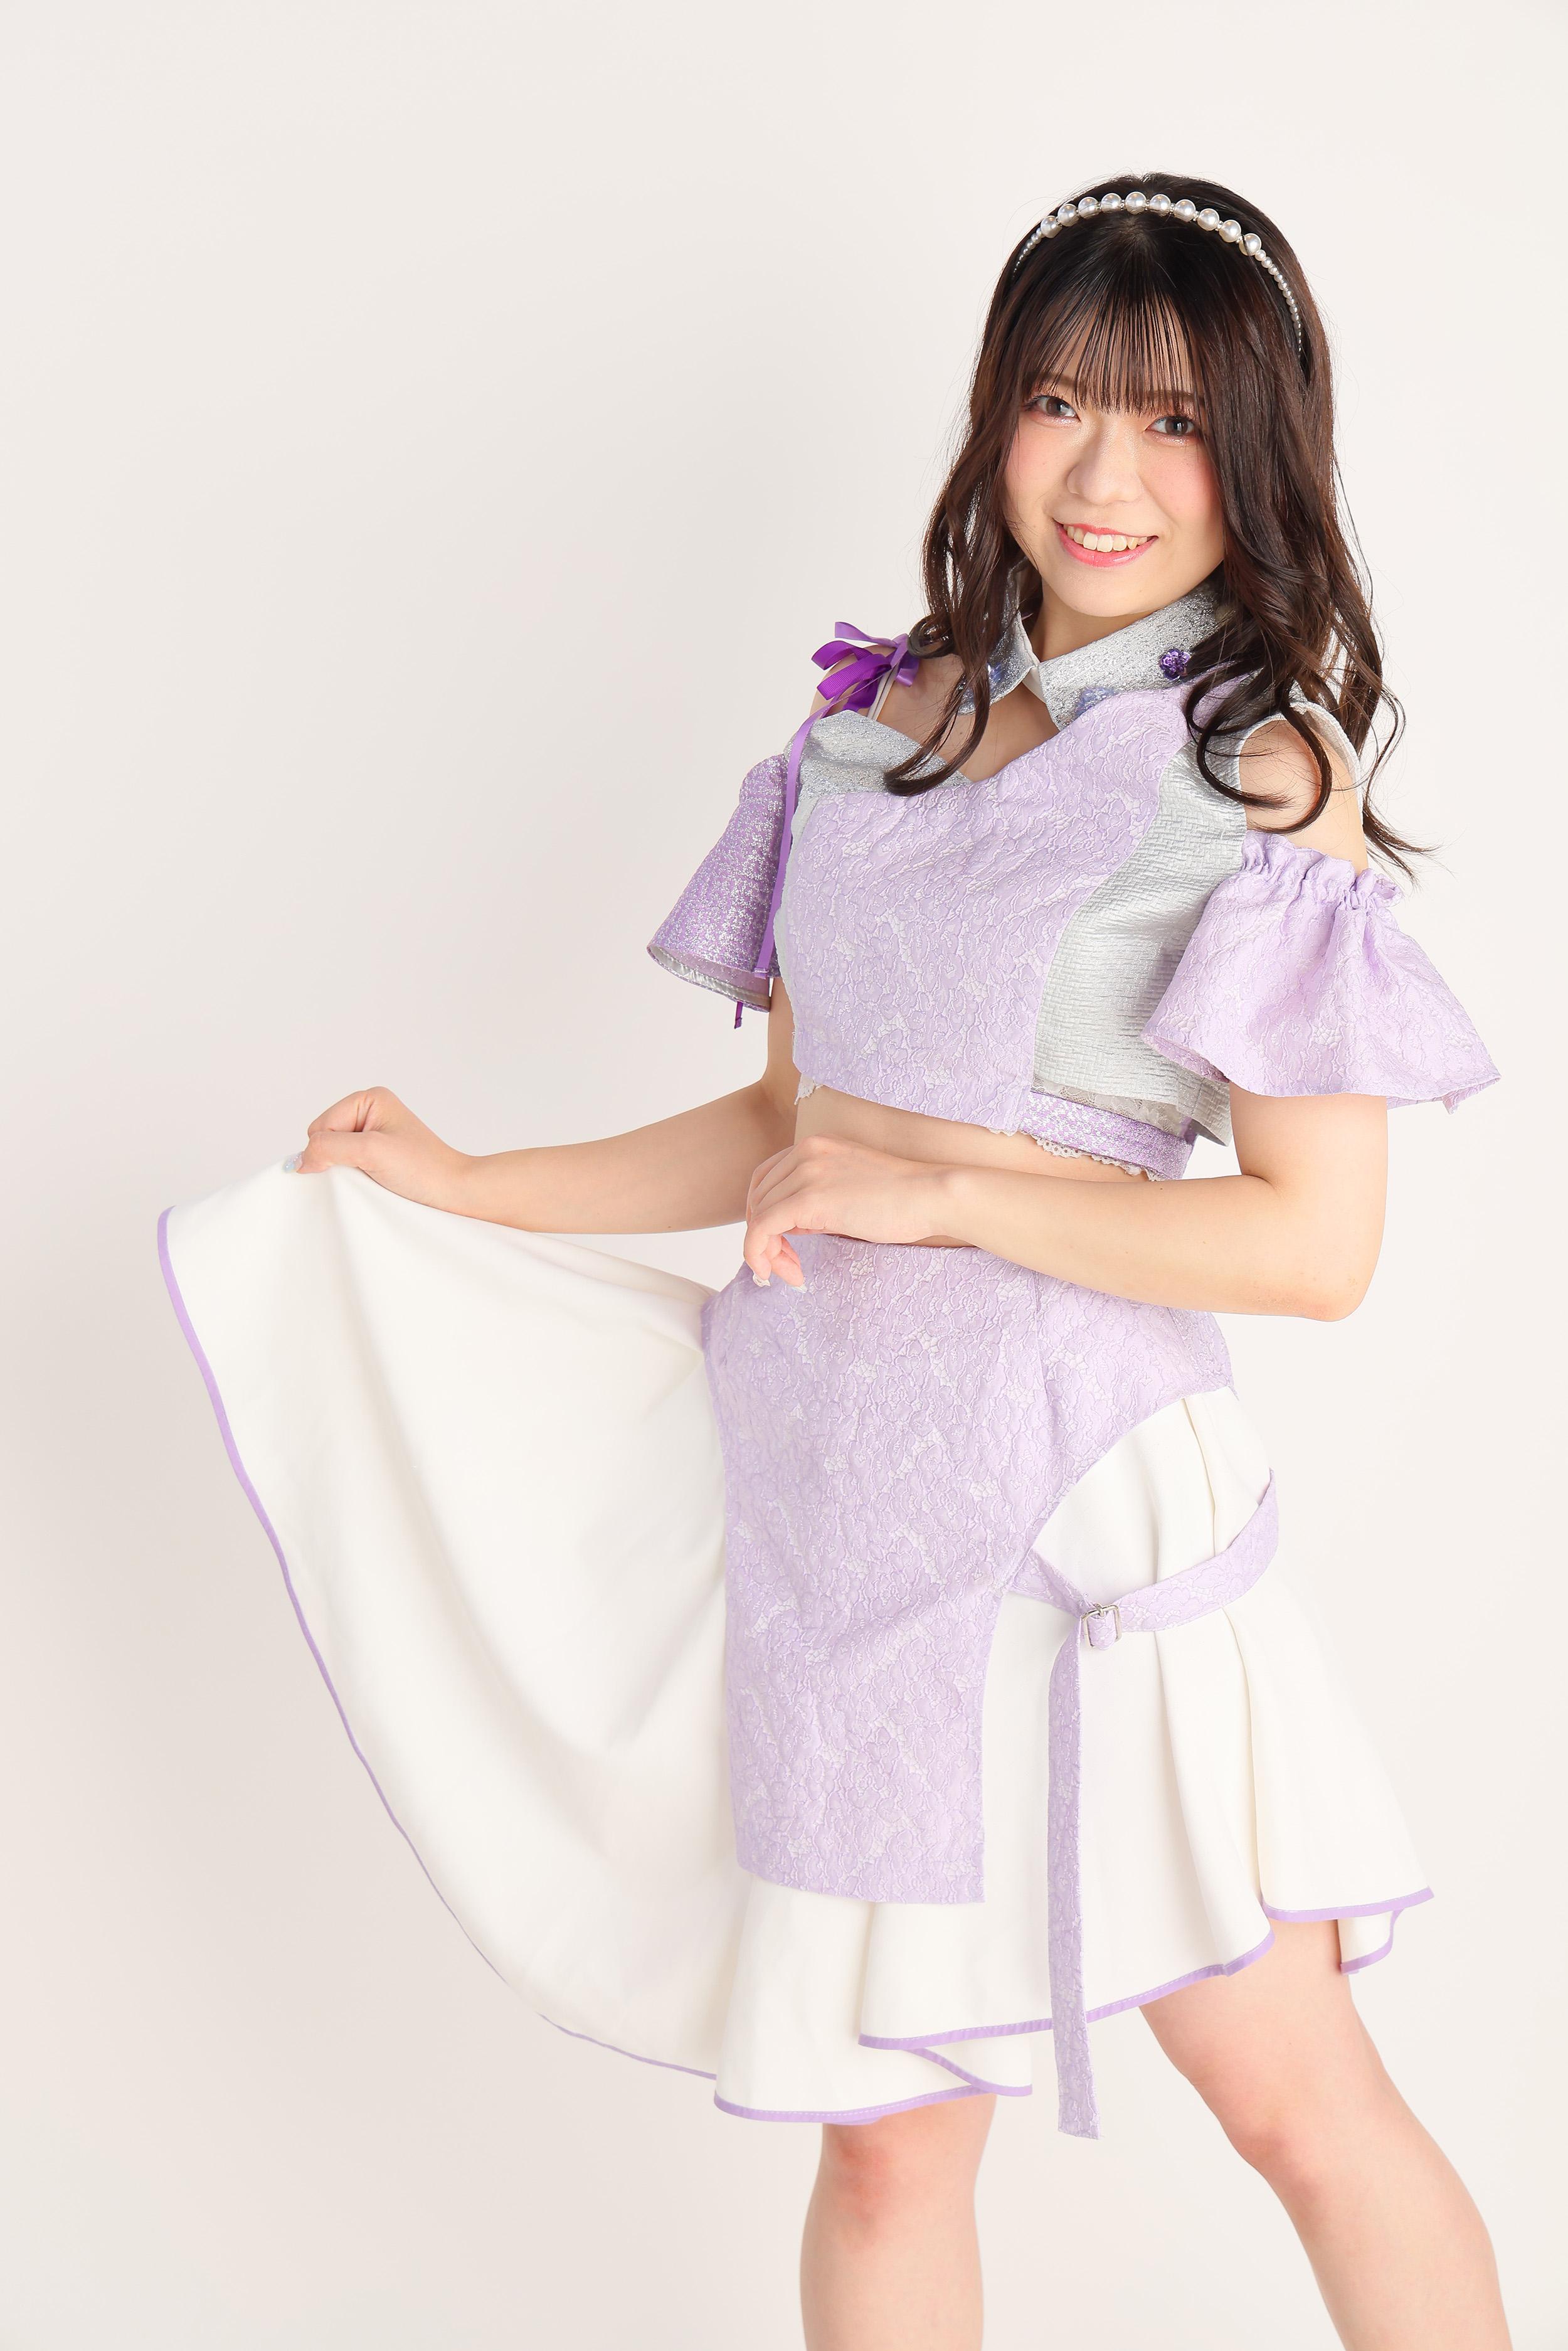 篠原亜希のプロフィール写真